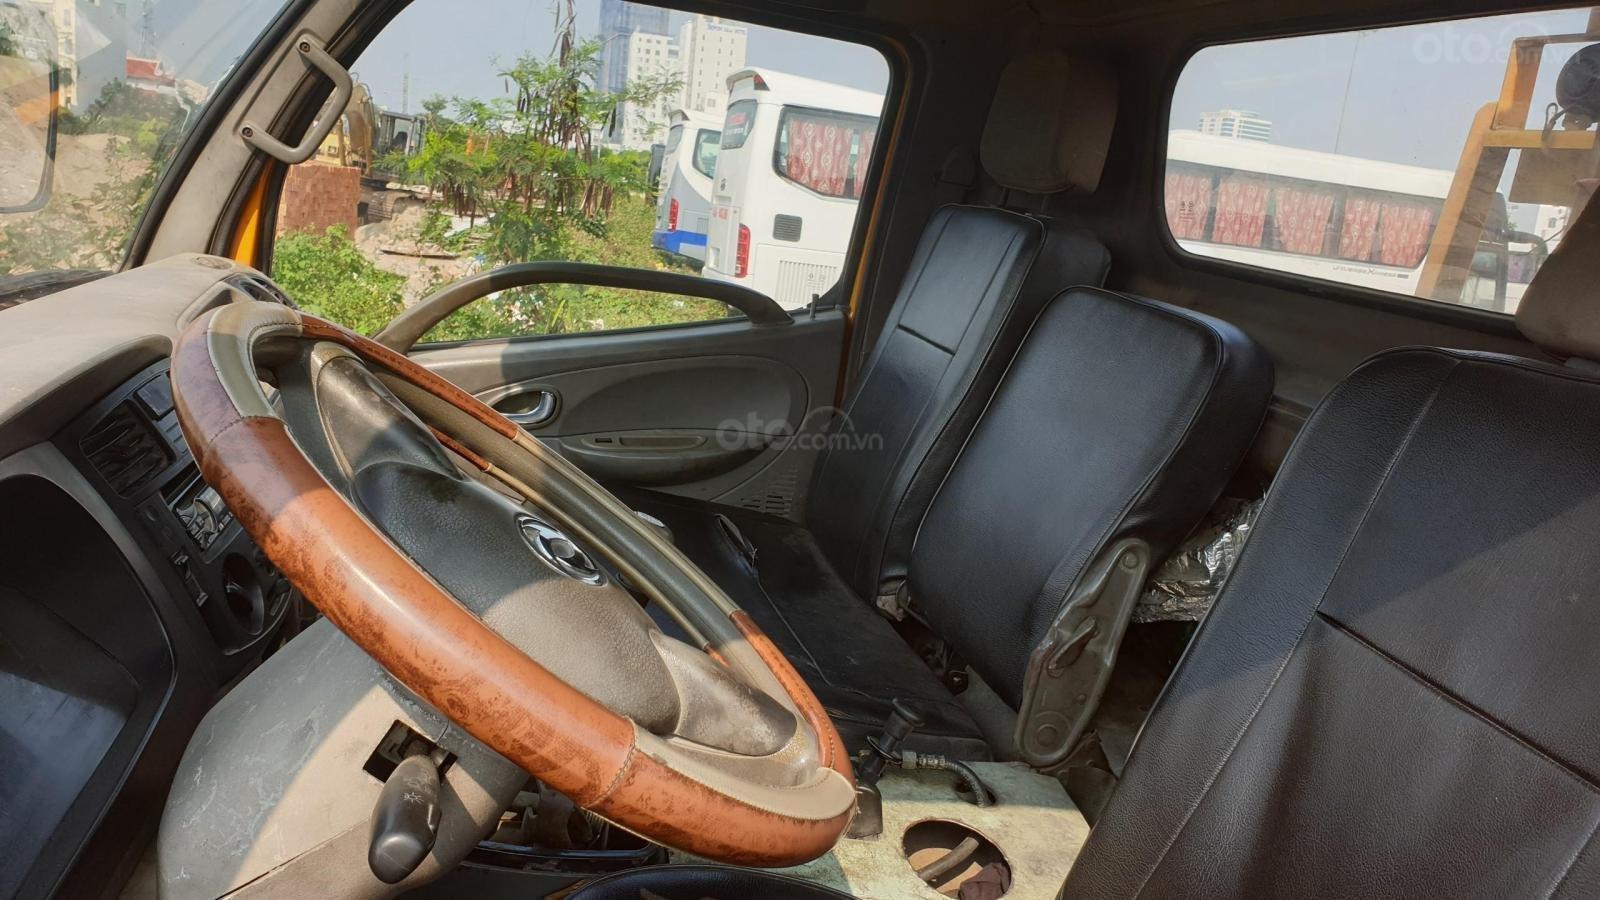 Thanh lý xe cứu hộ giao thông có cẩu 2011, giá 450tr (15)